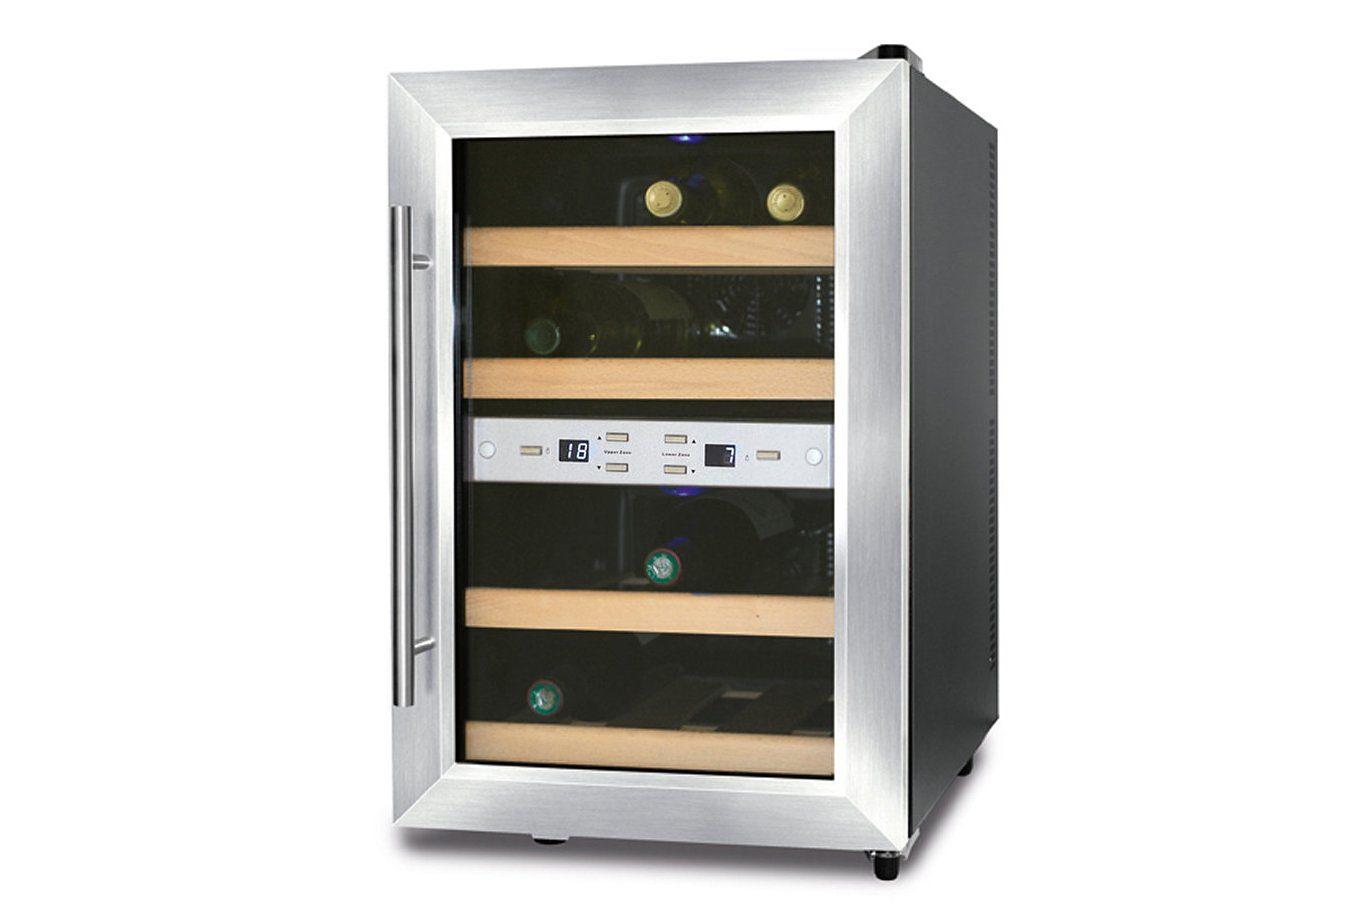 Mini Kühlschrank Mit Gefrierfach Otto : Caso kühlschränke online kaufen otto